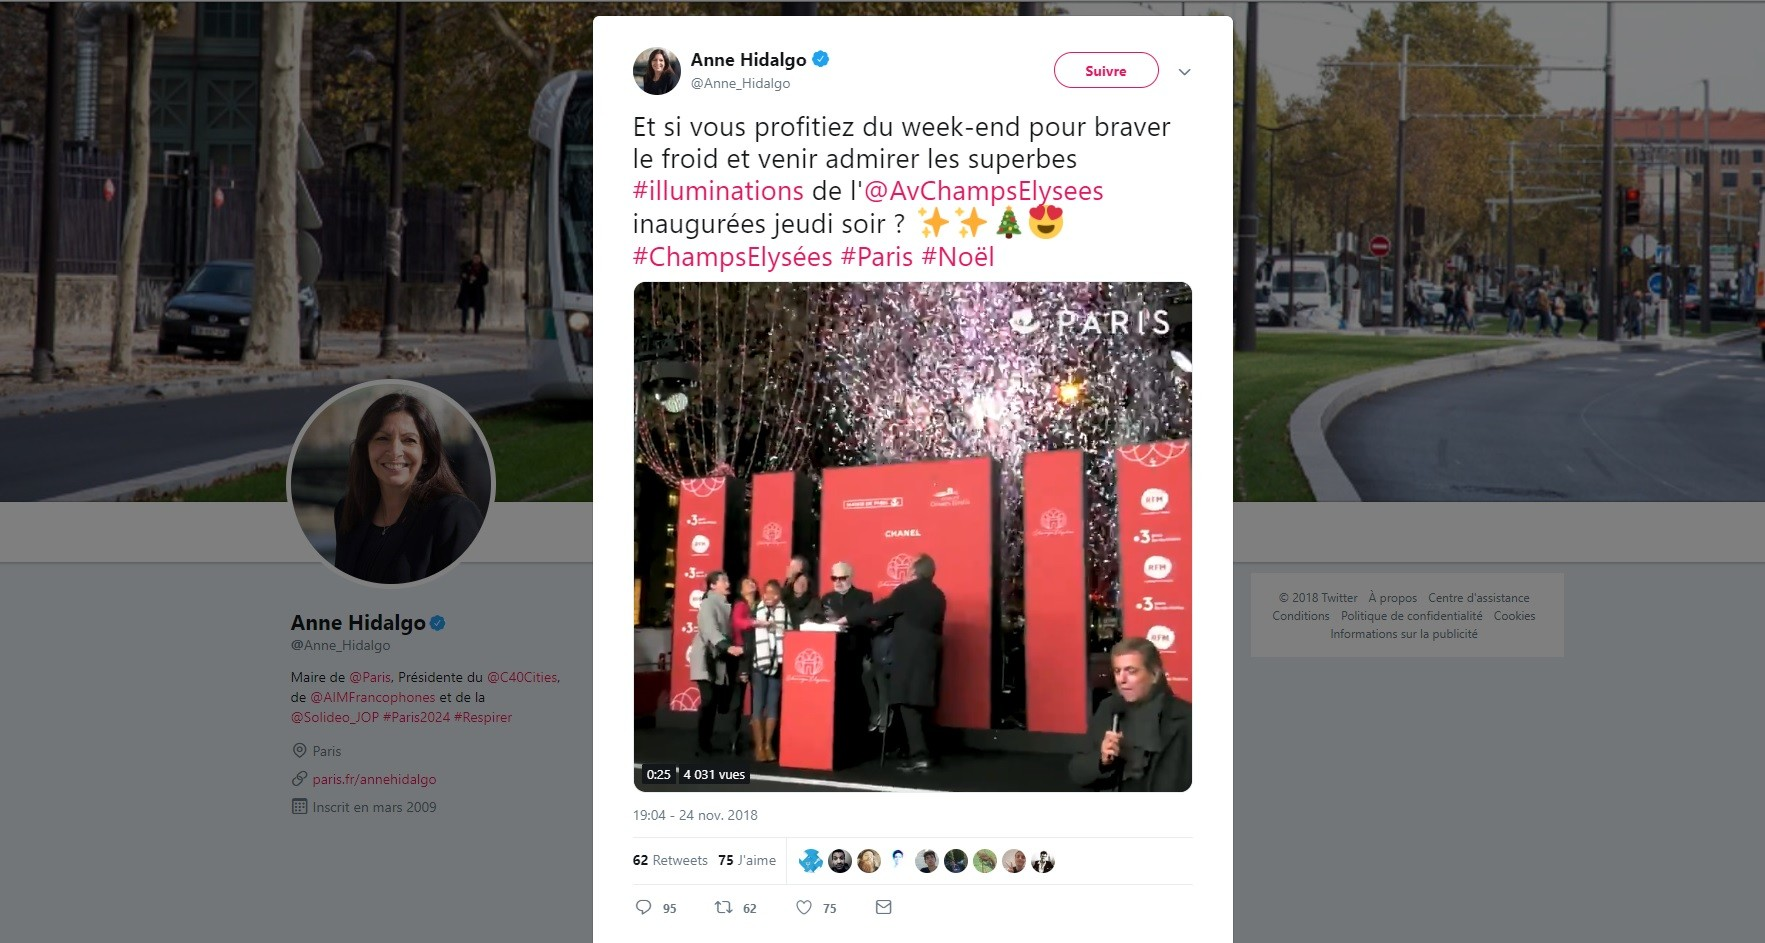 Le tweet qu'Anne Hidalgo n'aurait jamais dû publier — Gilets Jaunes